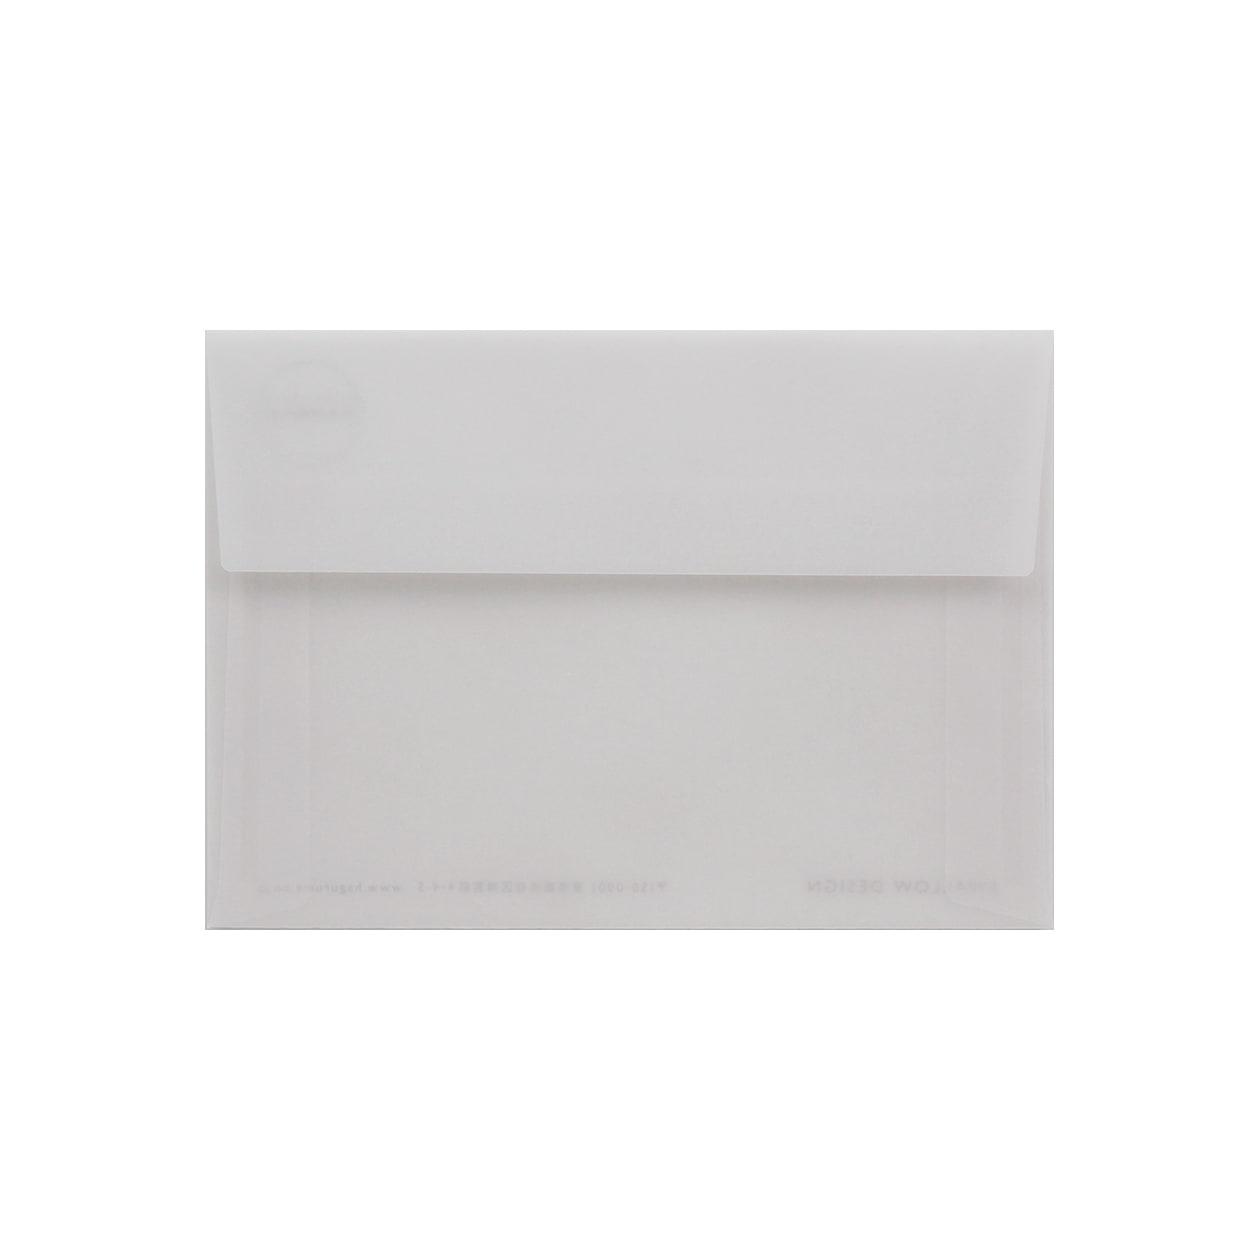 サンプル 封筒・袋 00140